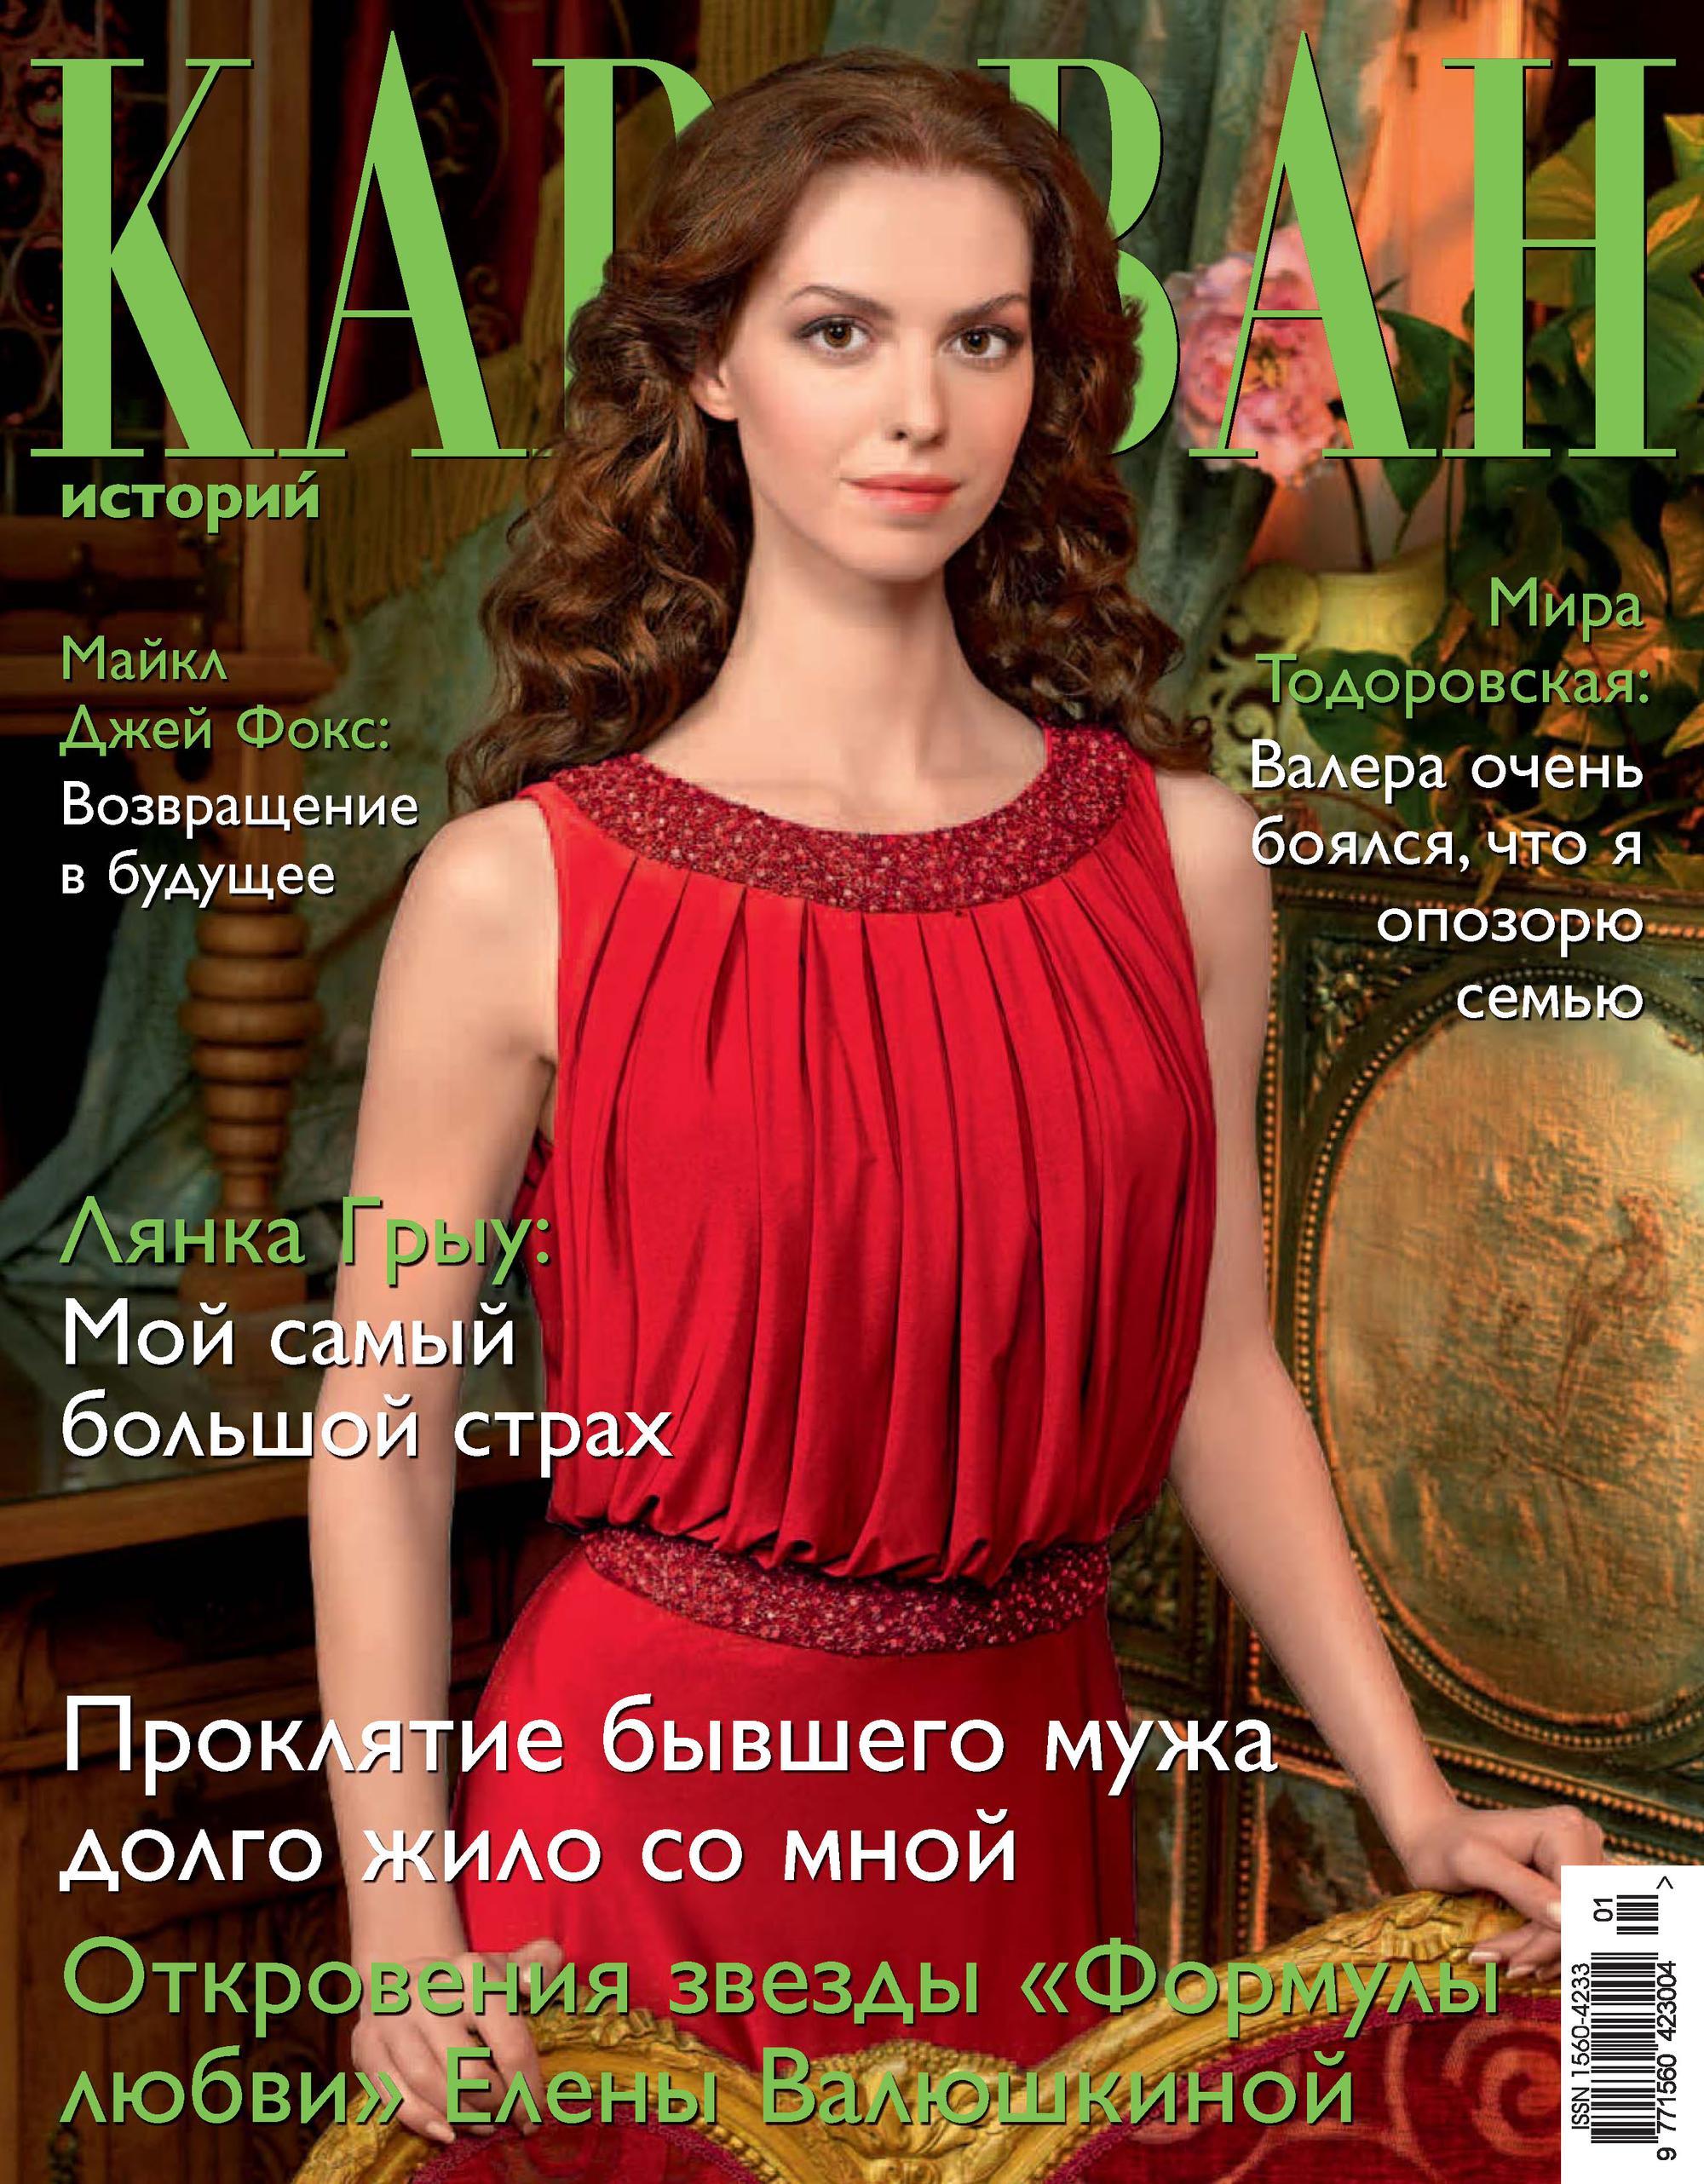 Отсутствует Караван историй №01 / январь 2014 михаил кубеев 100 великих любовных историй